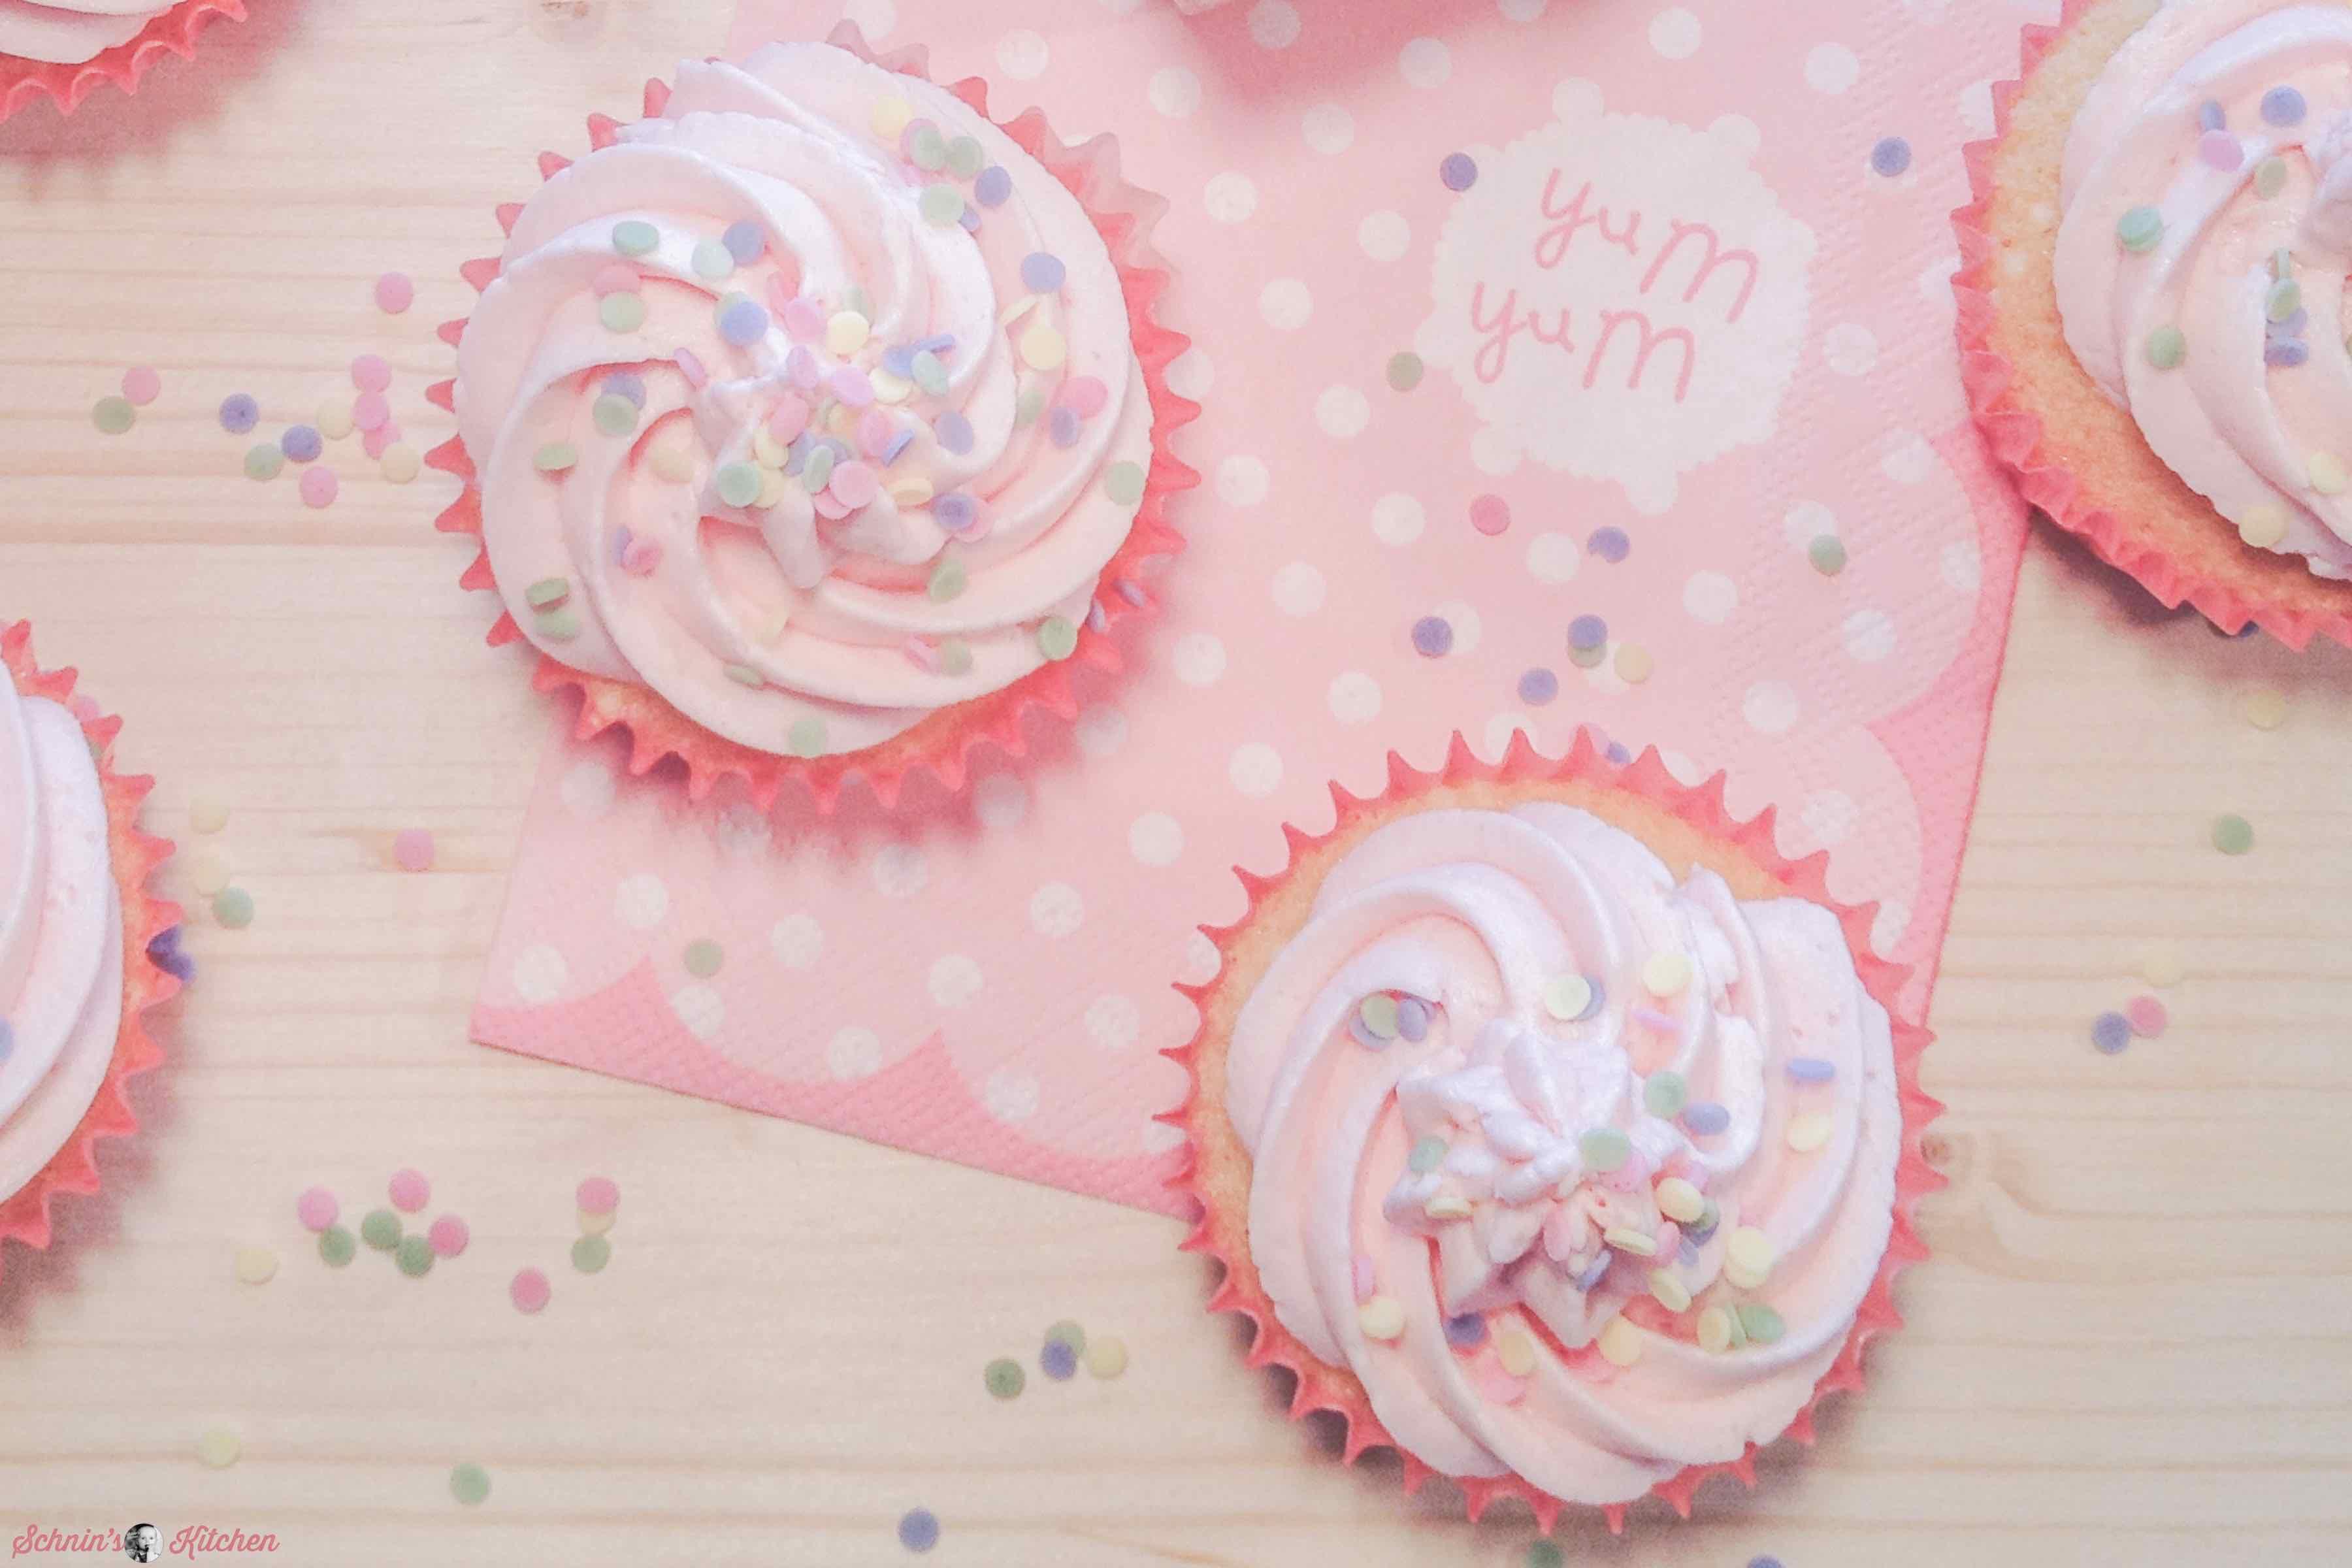 Pünktchen-Cupcakes mit leckerem Vanilleteig und amerikanischem Buttercreme-Frosting | www.schninskitchen.de